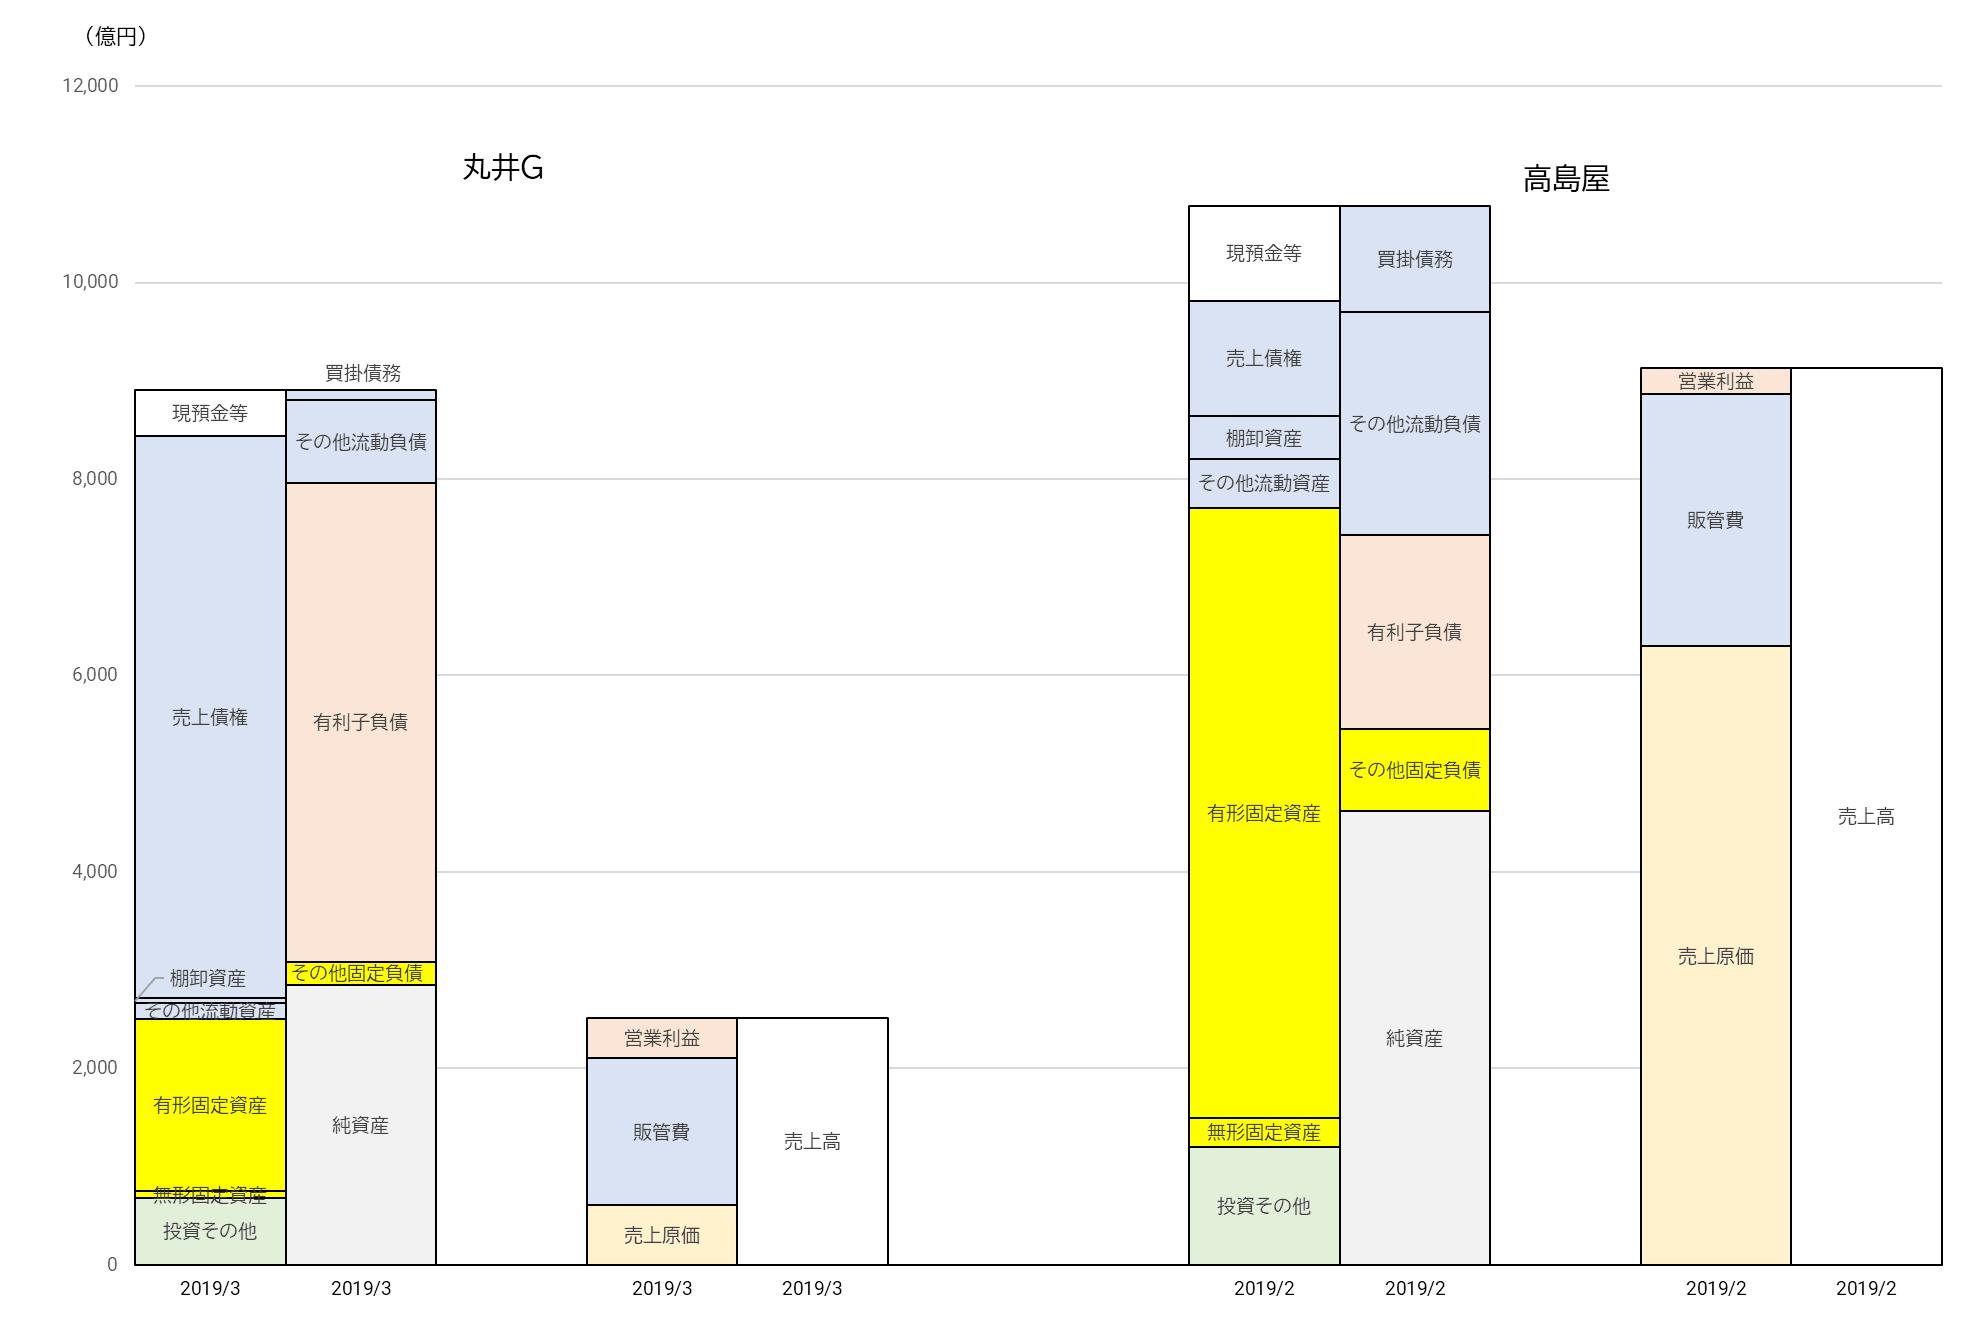 ネット 丸井 グループ